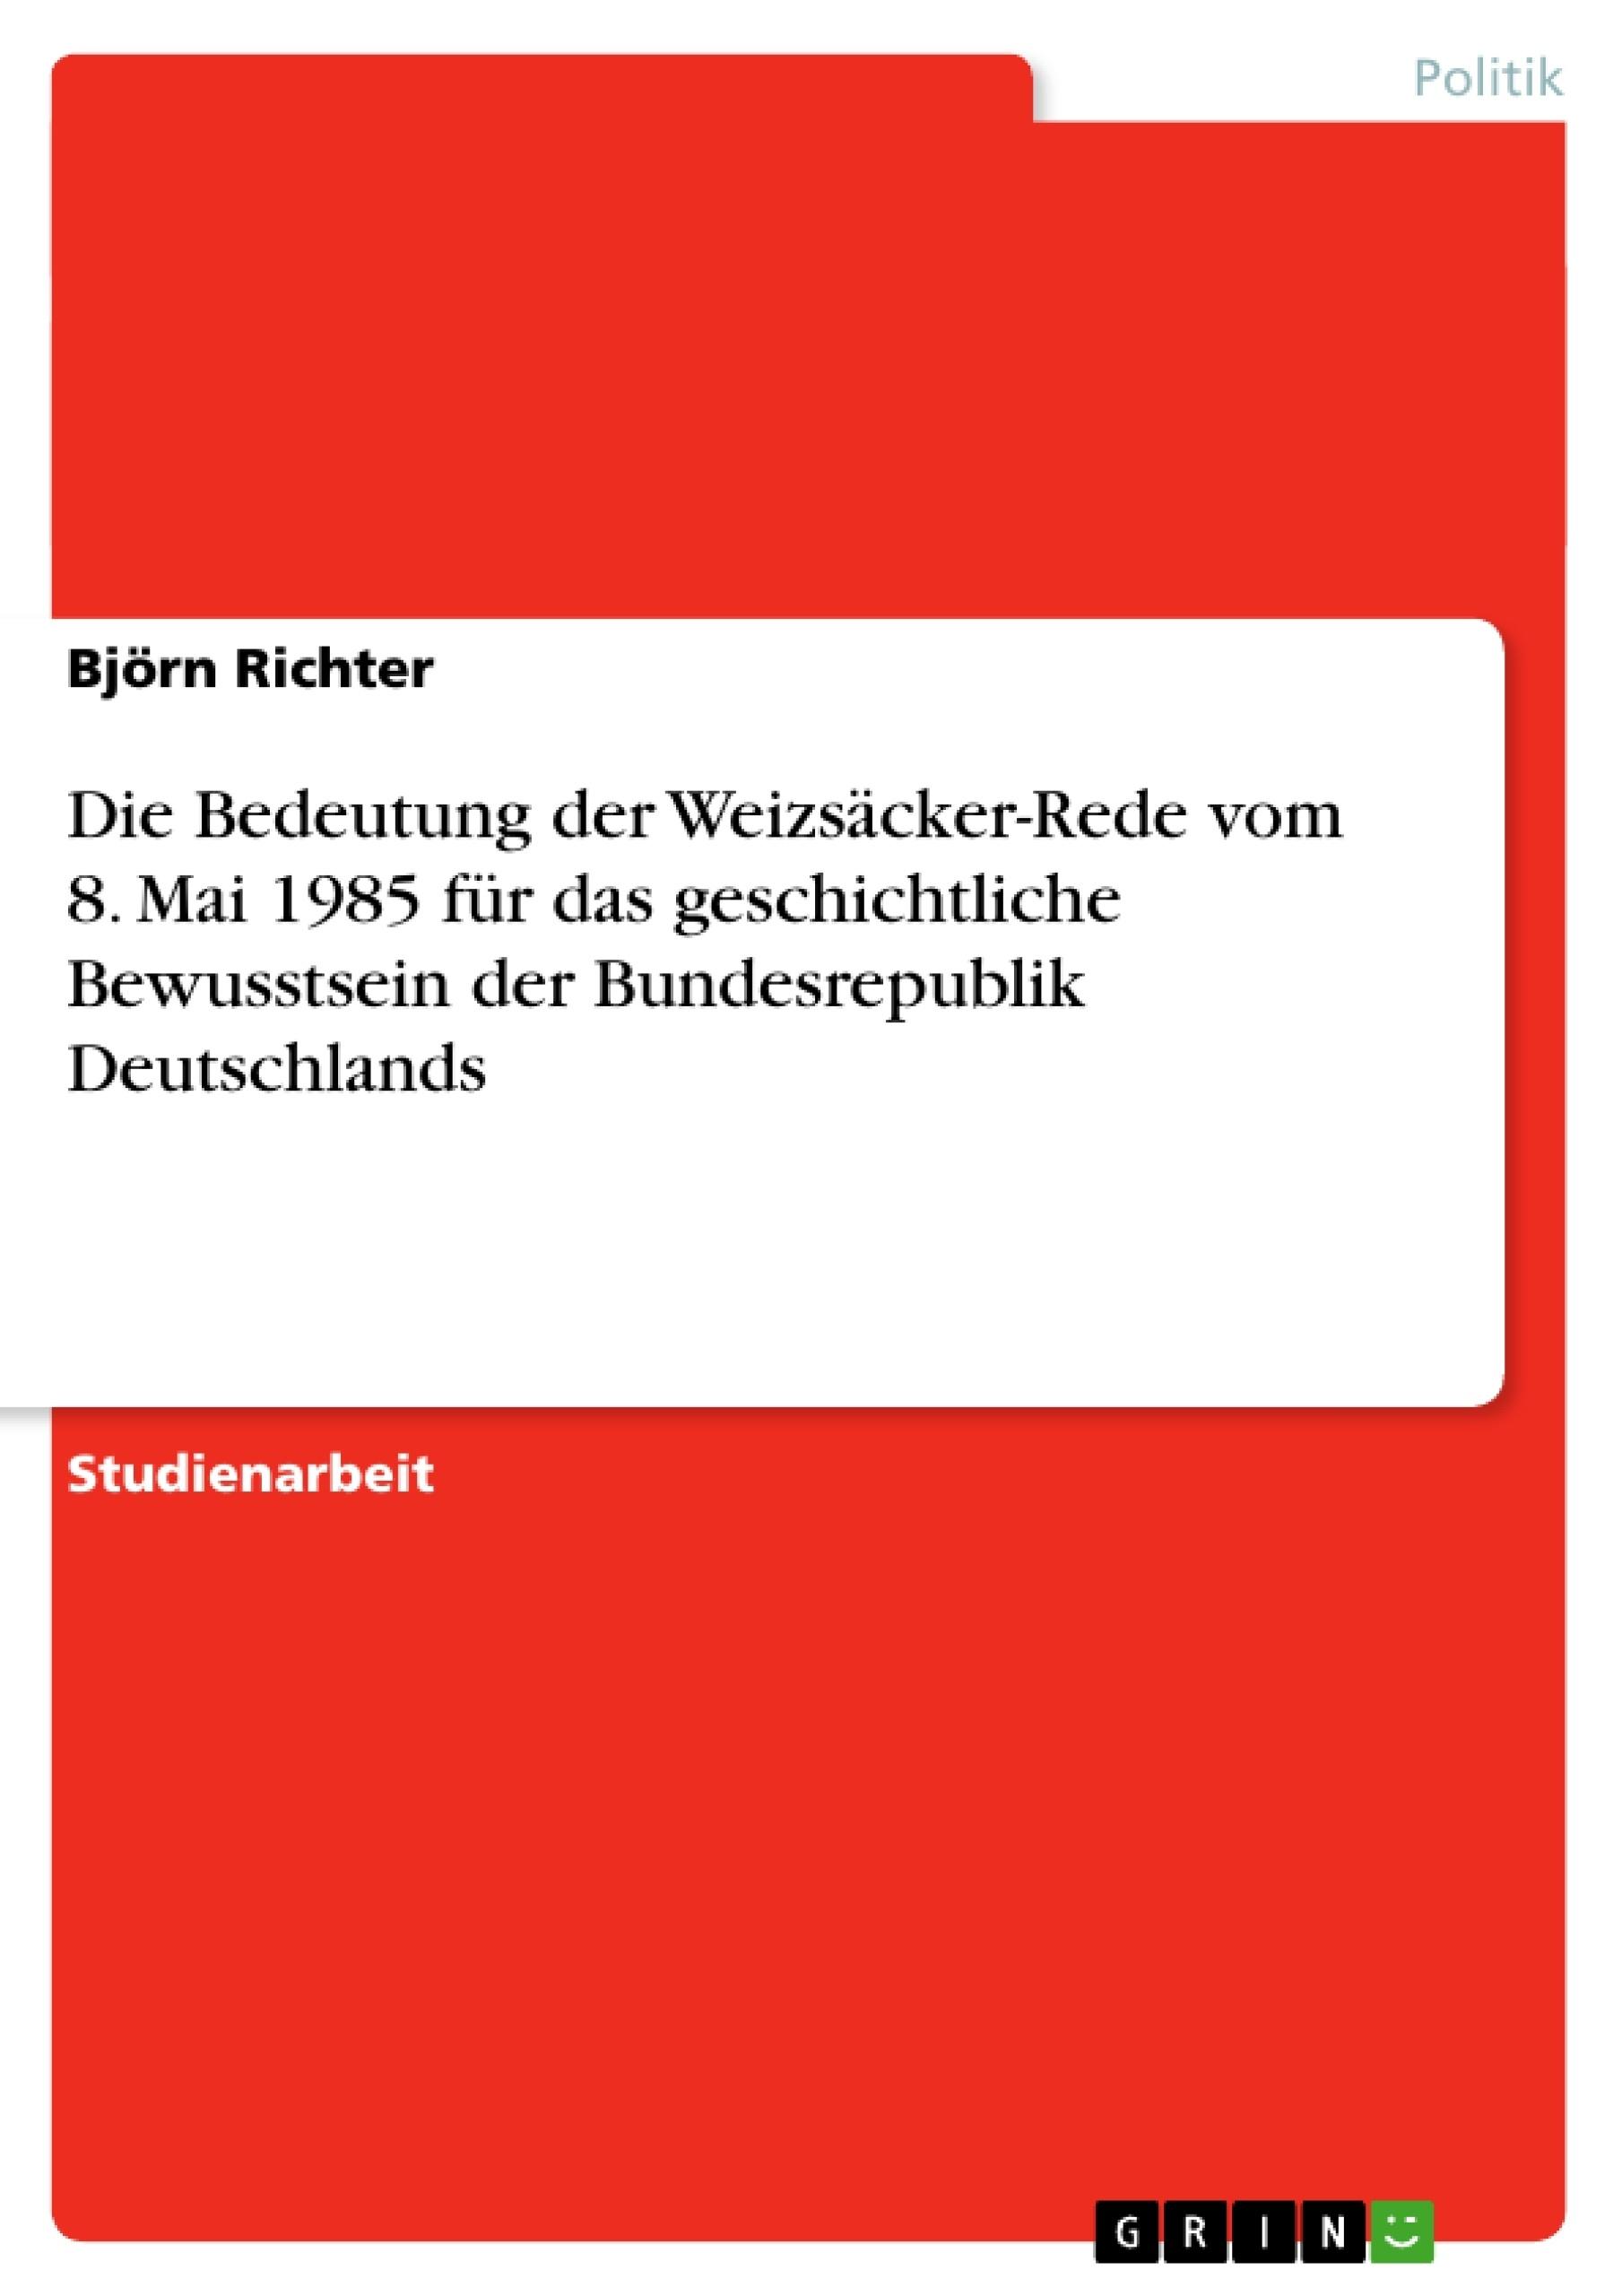 Titel: Die Bedeutung der Weizsäcker-Rede vom 8. Mai 1985 für das geschichtliche Bewusstsein der Bundesrepublik Deutschlands